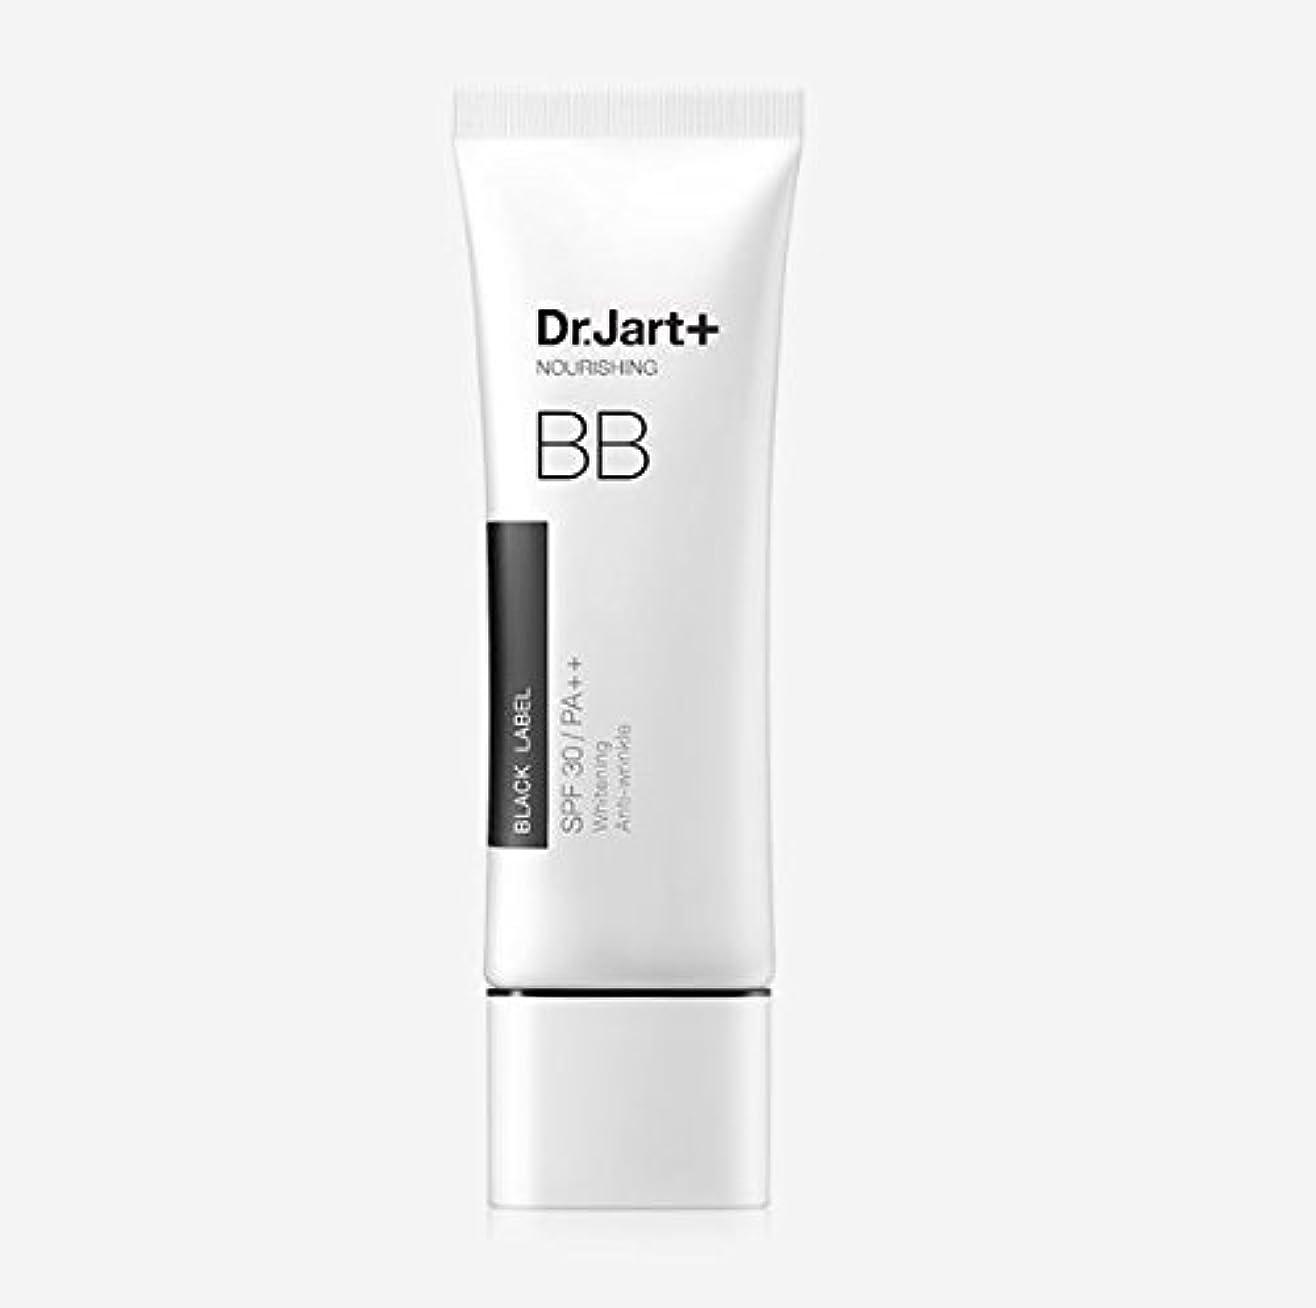 レオナルドダ長々と紳士[Dr. Jart] Black Label BB Nourishing Beauty Balm 50ml SPF30 PA++/[ドクタージャルト] ブラックラベル BB ナリーシン ビューティー バーム 50ml SPF30...